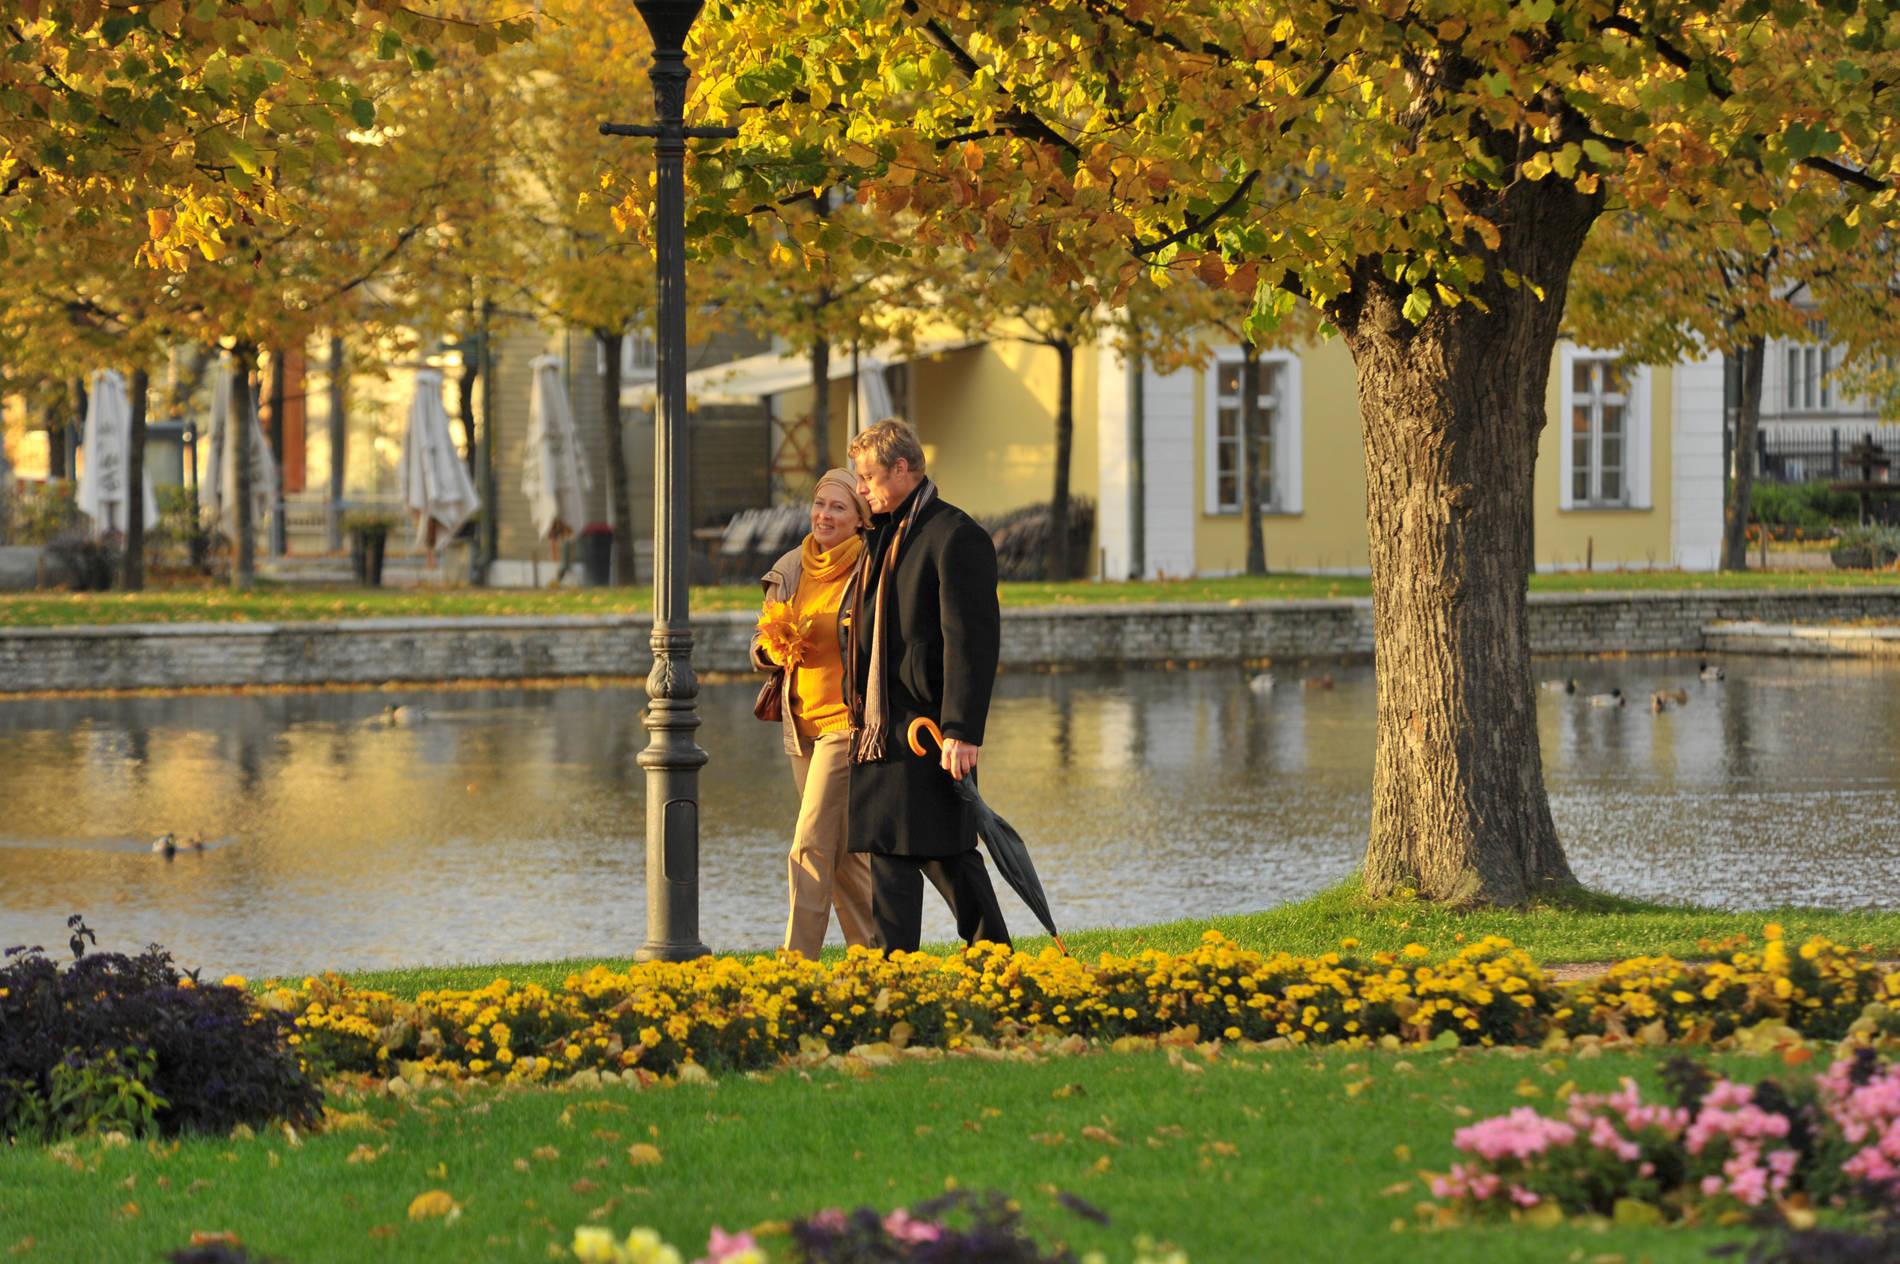 Couple at the Kadriorg palace park in Tallinn, Estonia